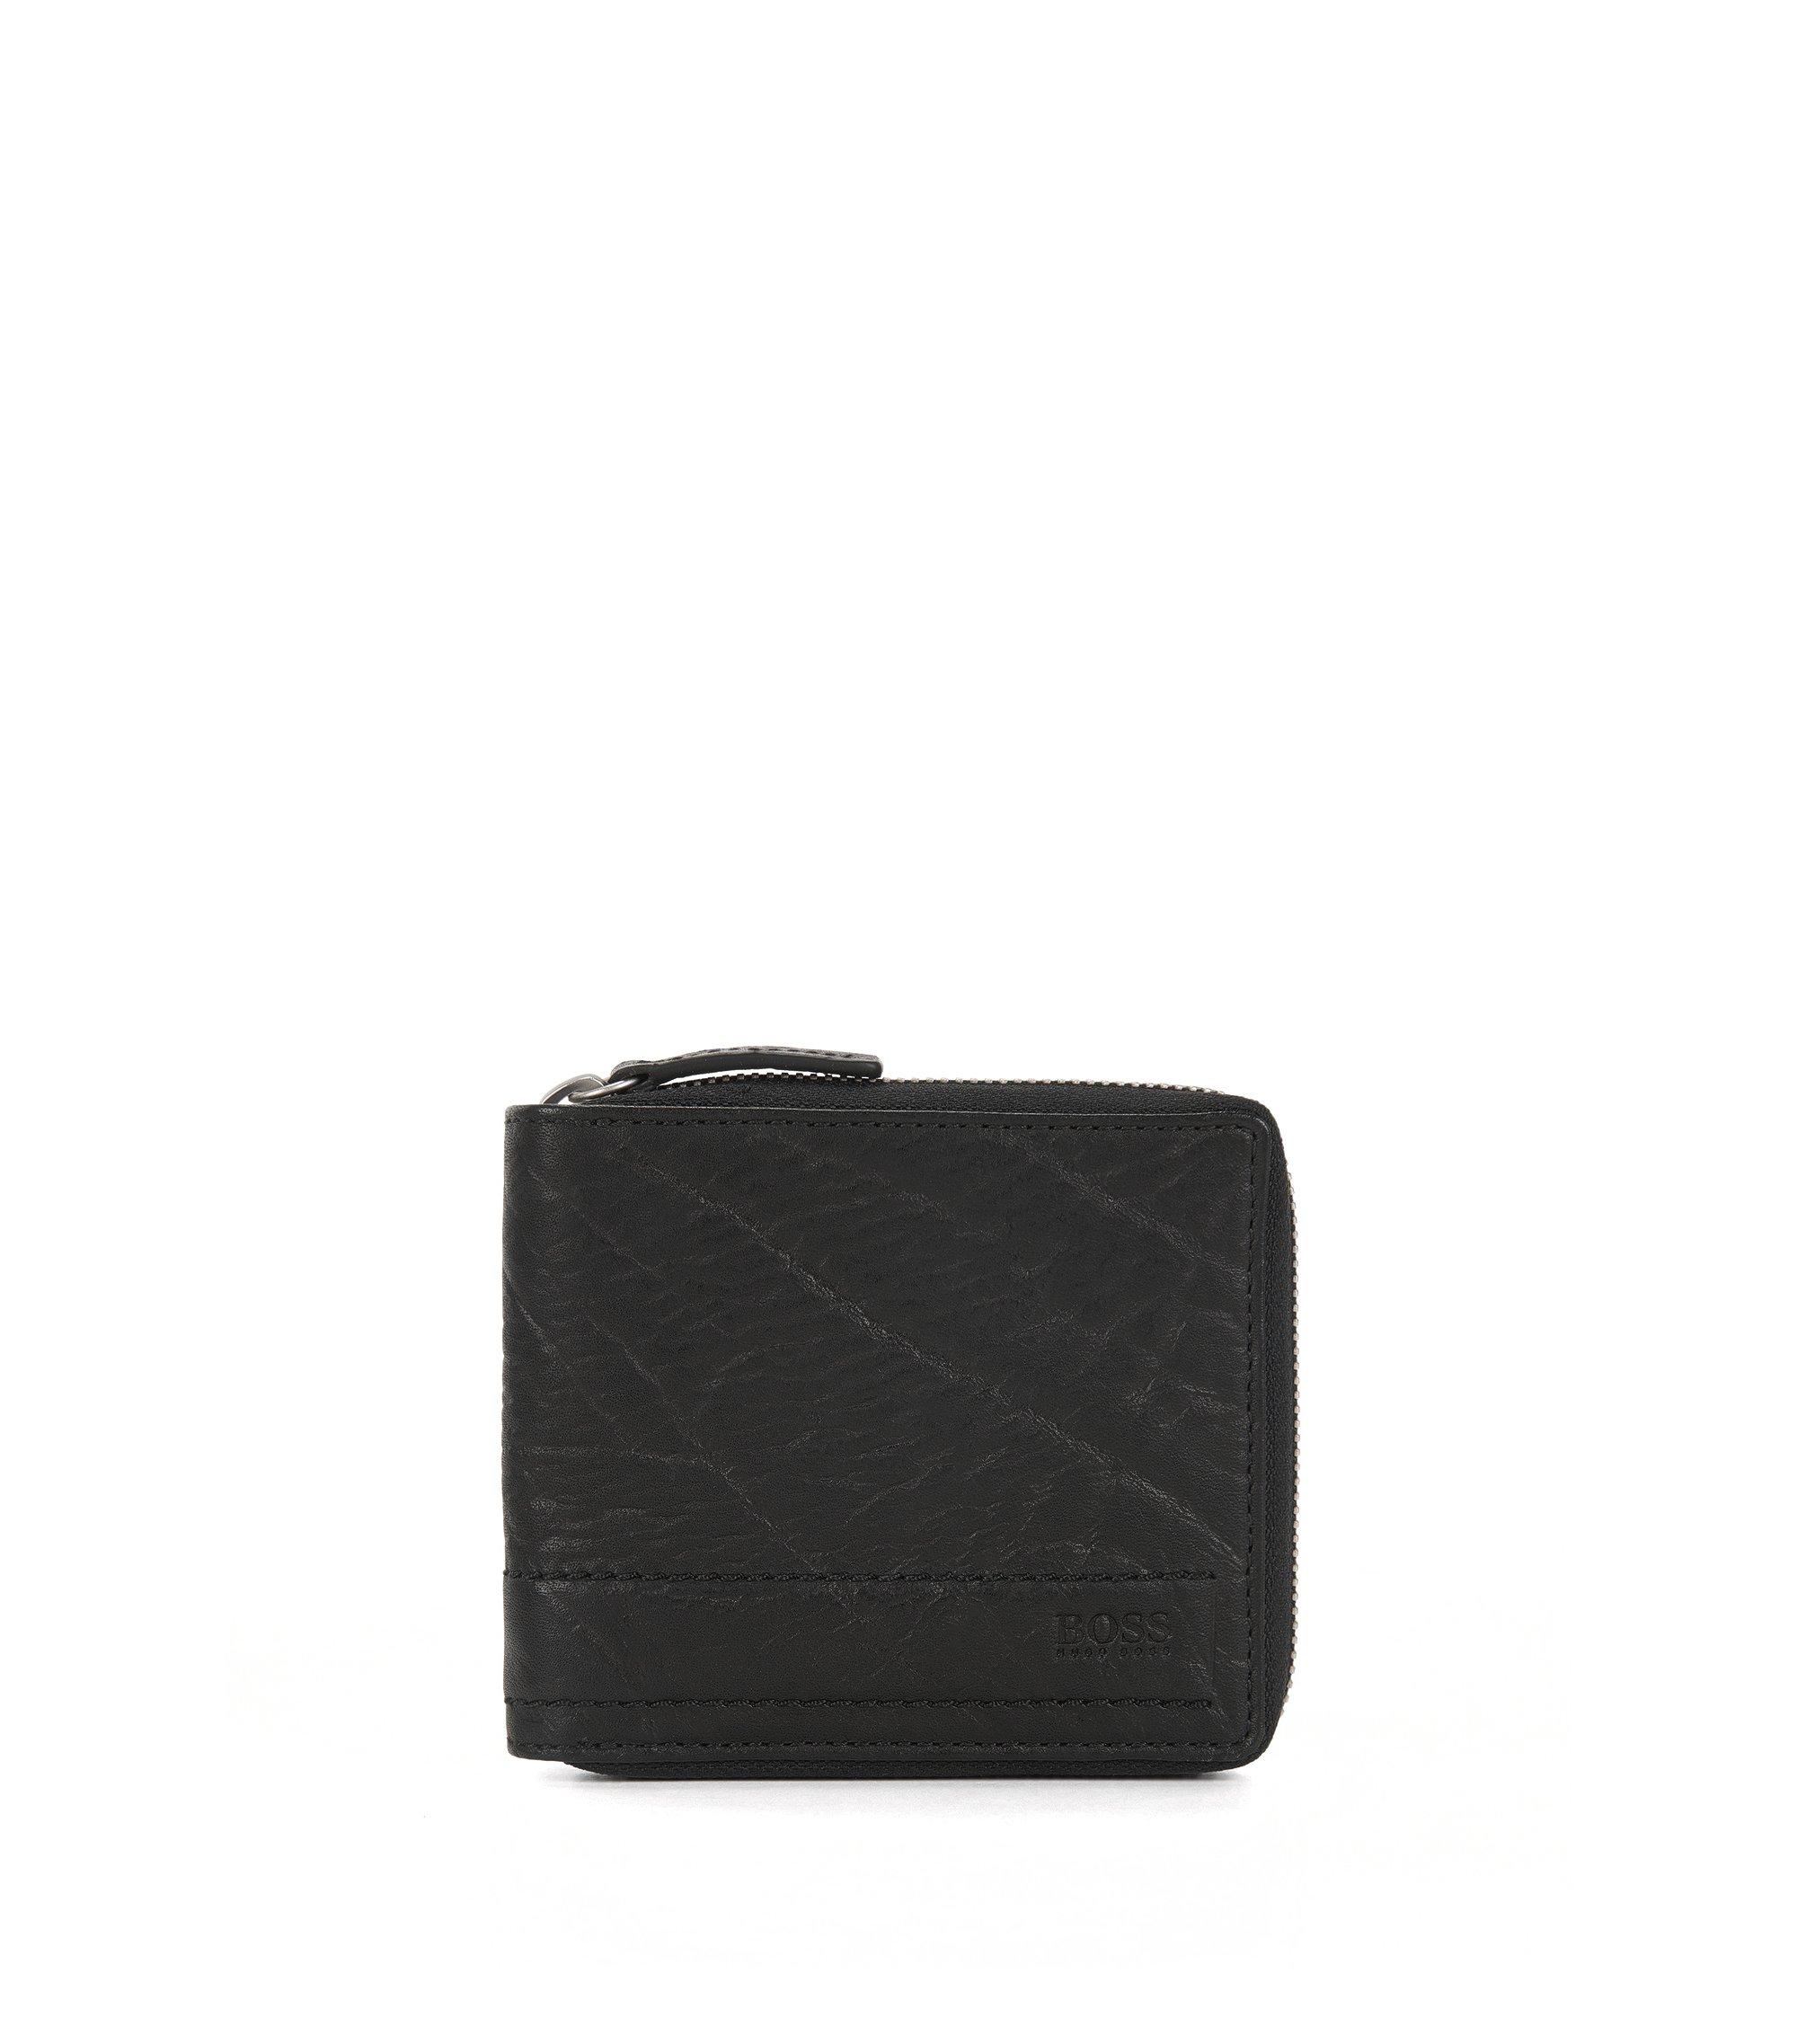 Geldbörse aus genarbtem Leder mit Reißverschluss, Schwarz